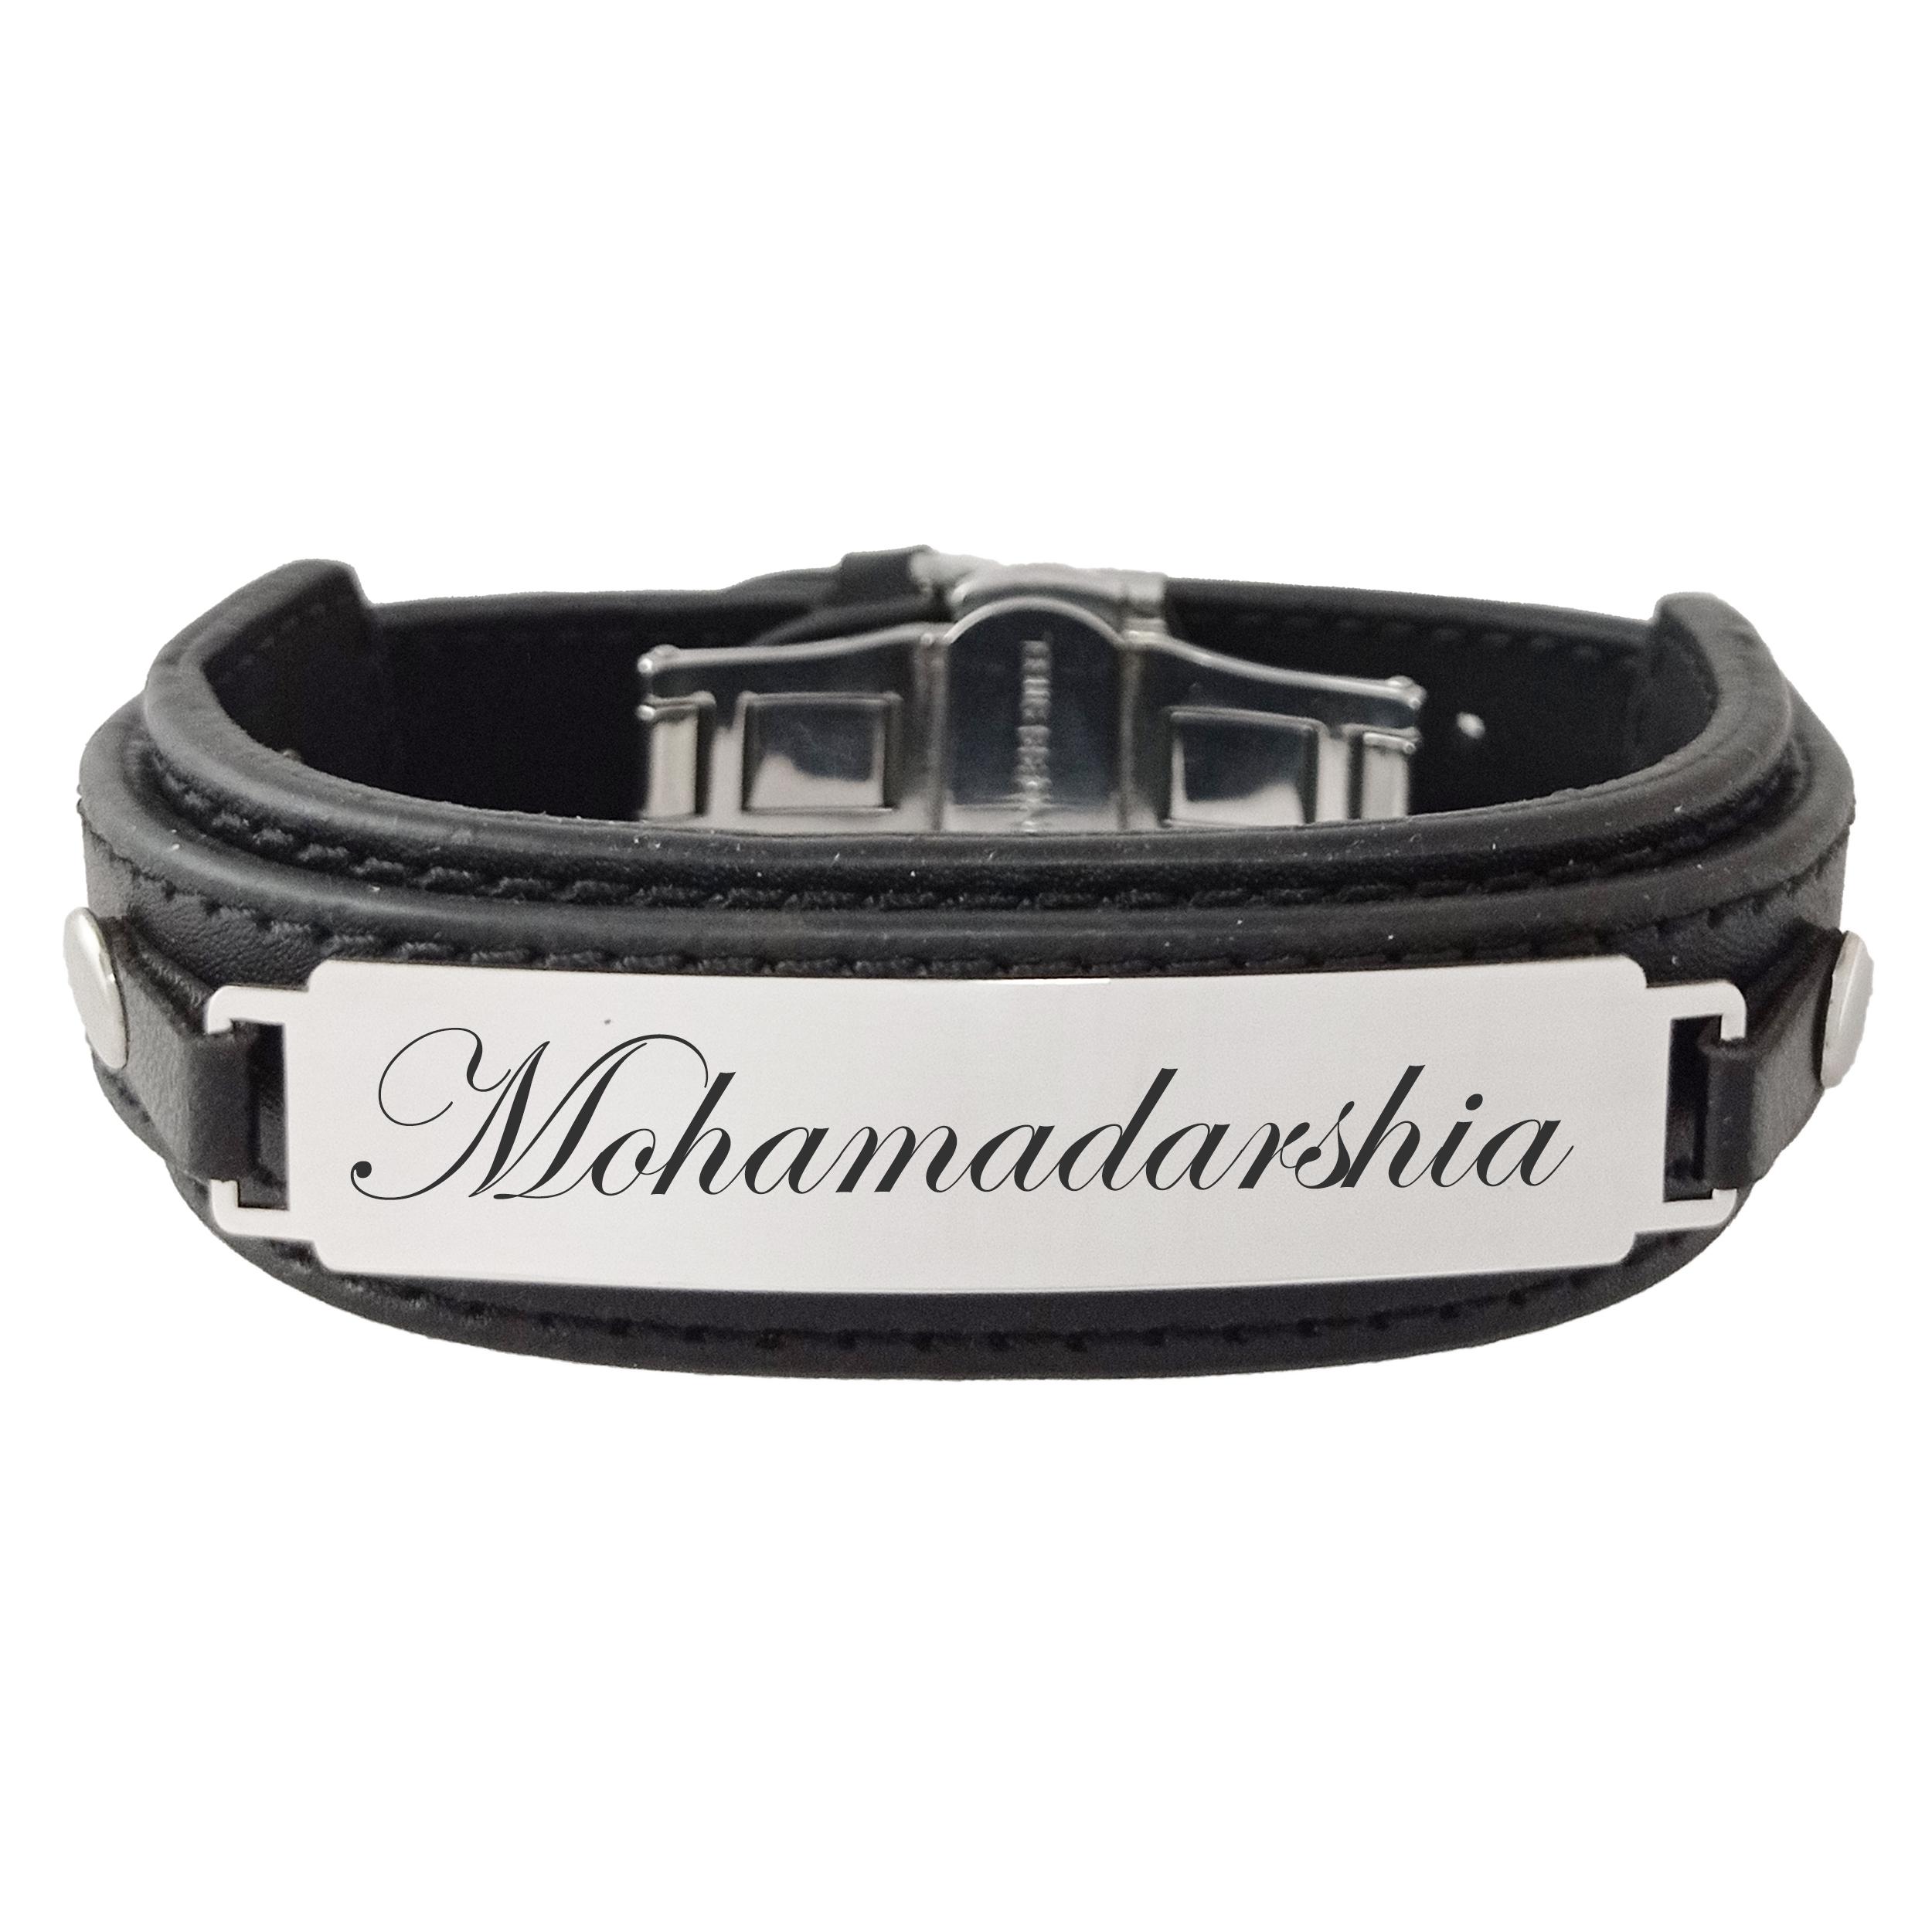 دستبند مردانه ترمه ۱ مدل محمدعرشیا کد Sam 967